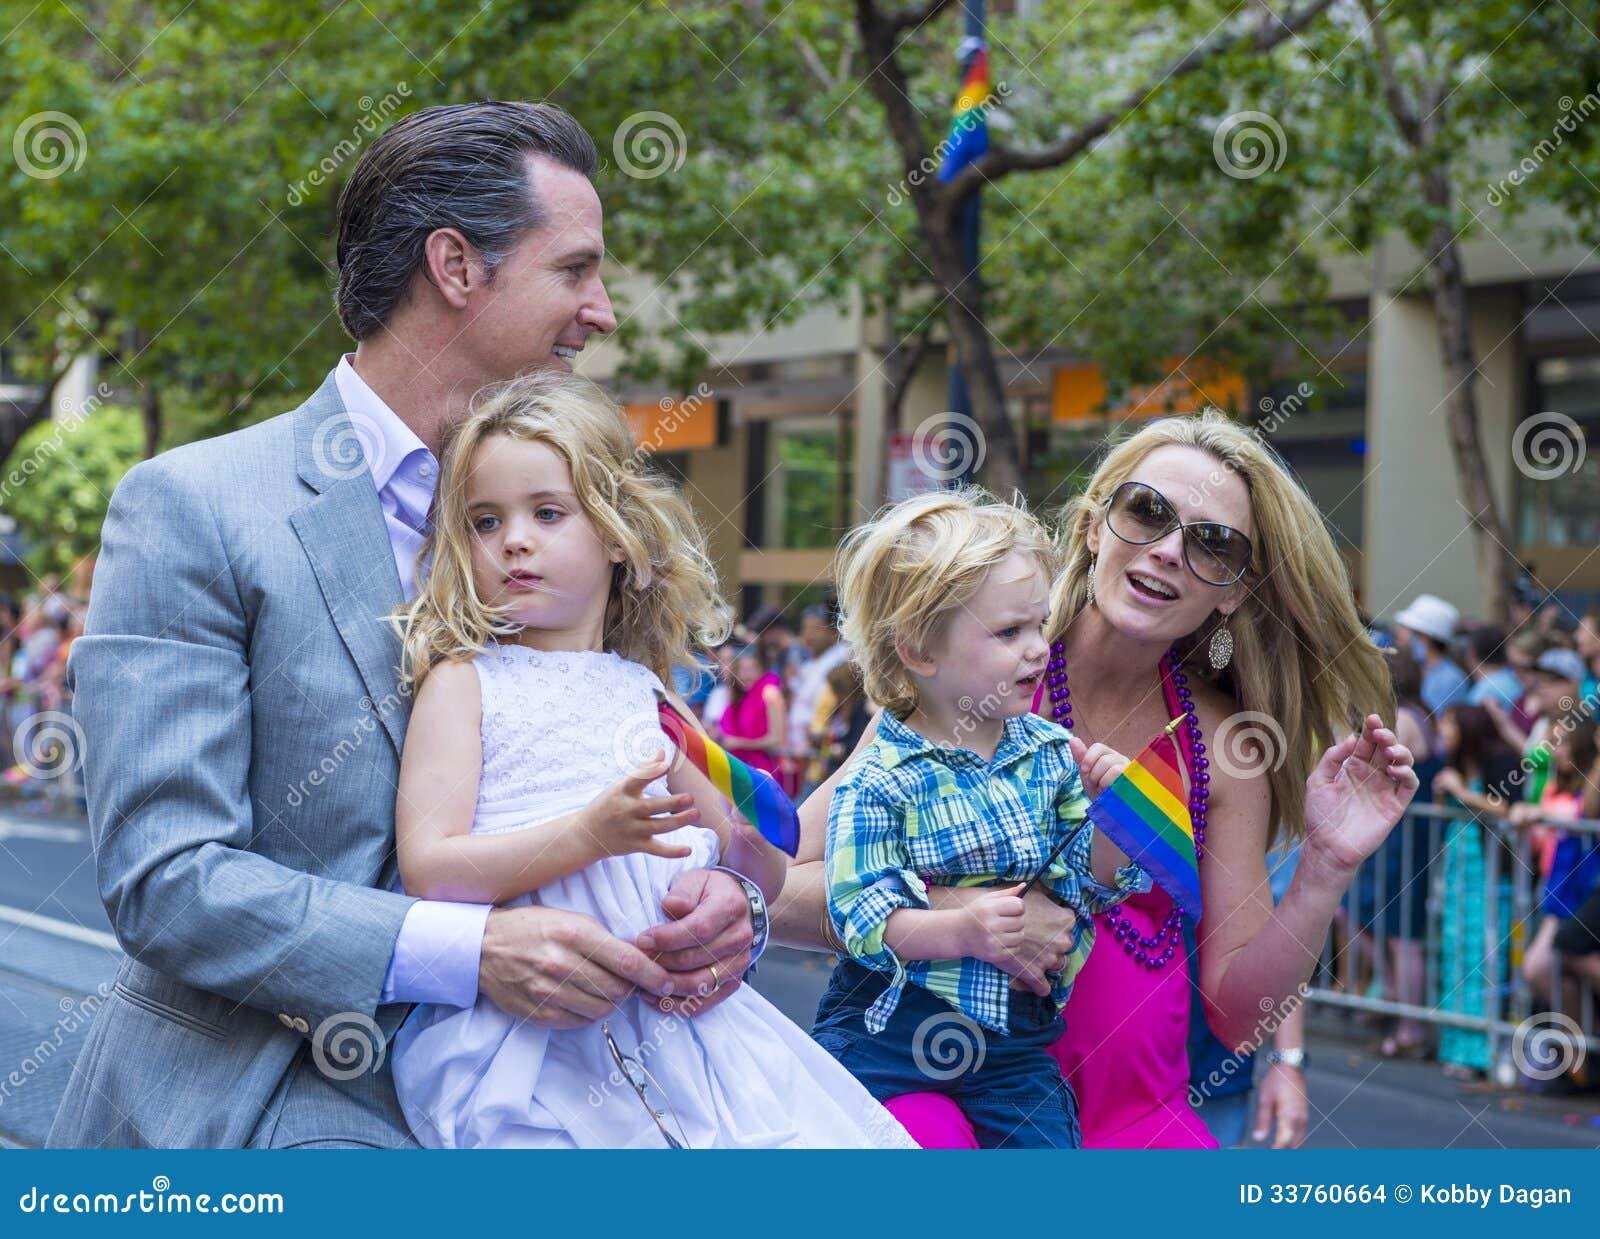 parade lesbian francisco San gay